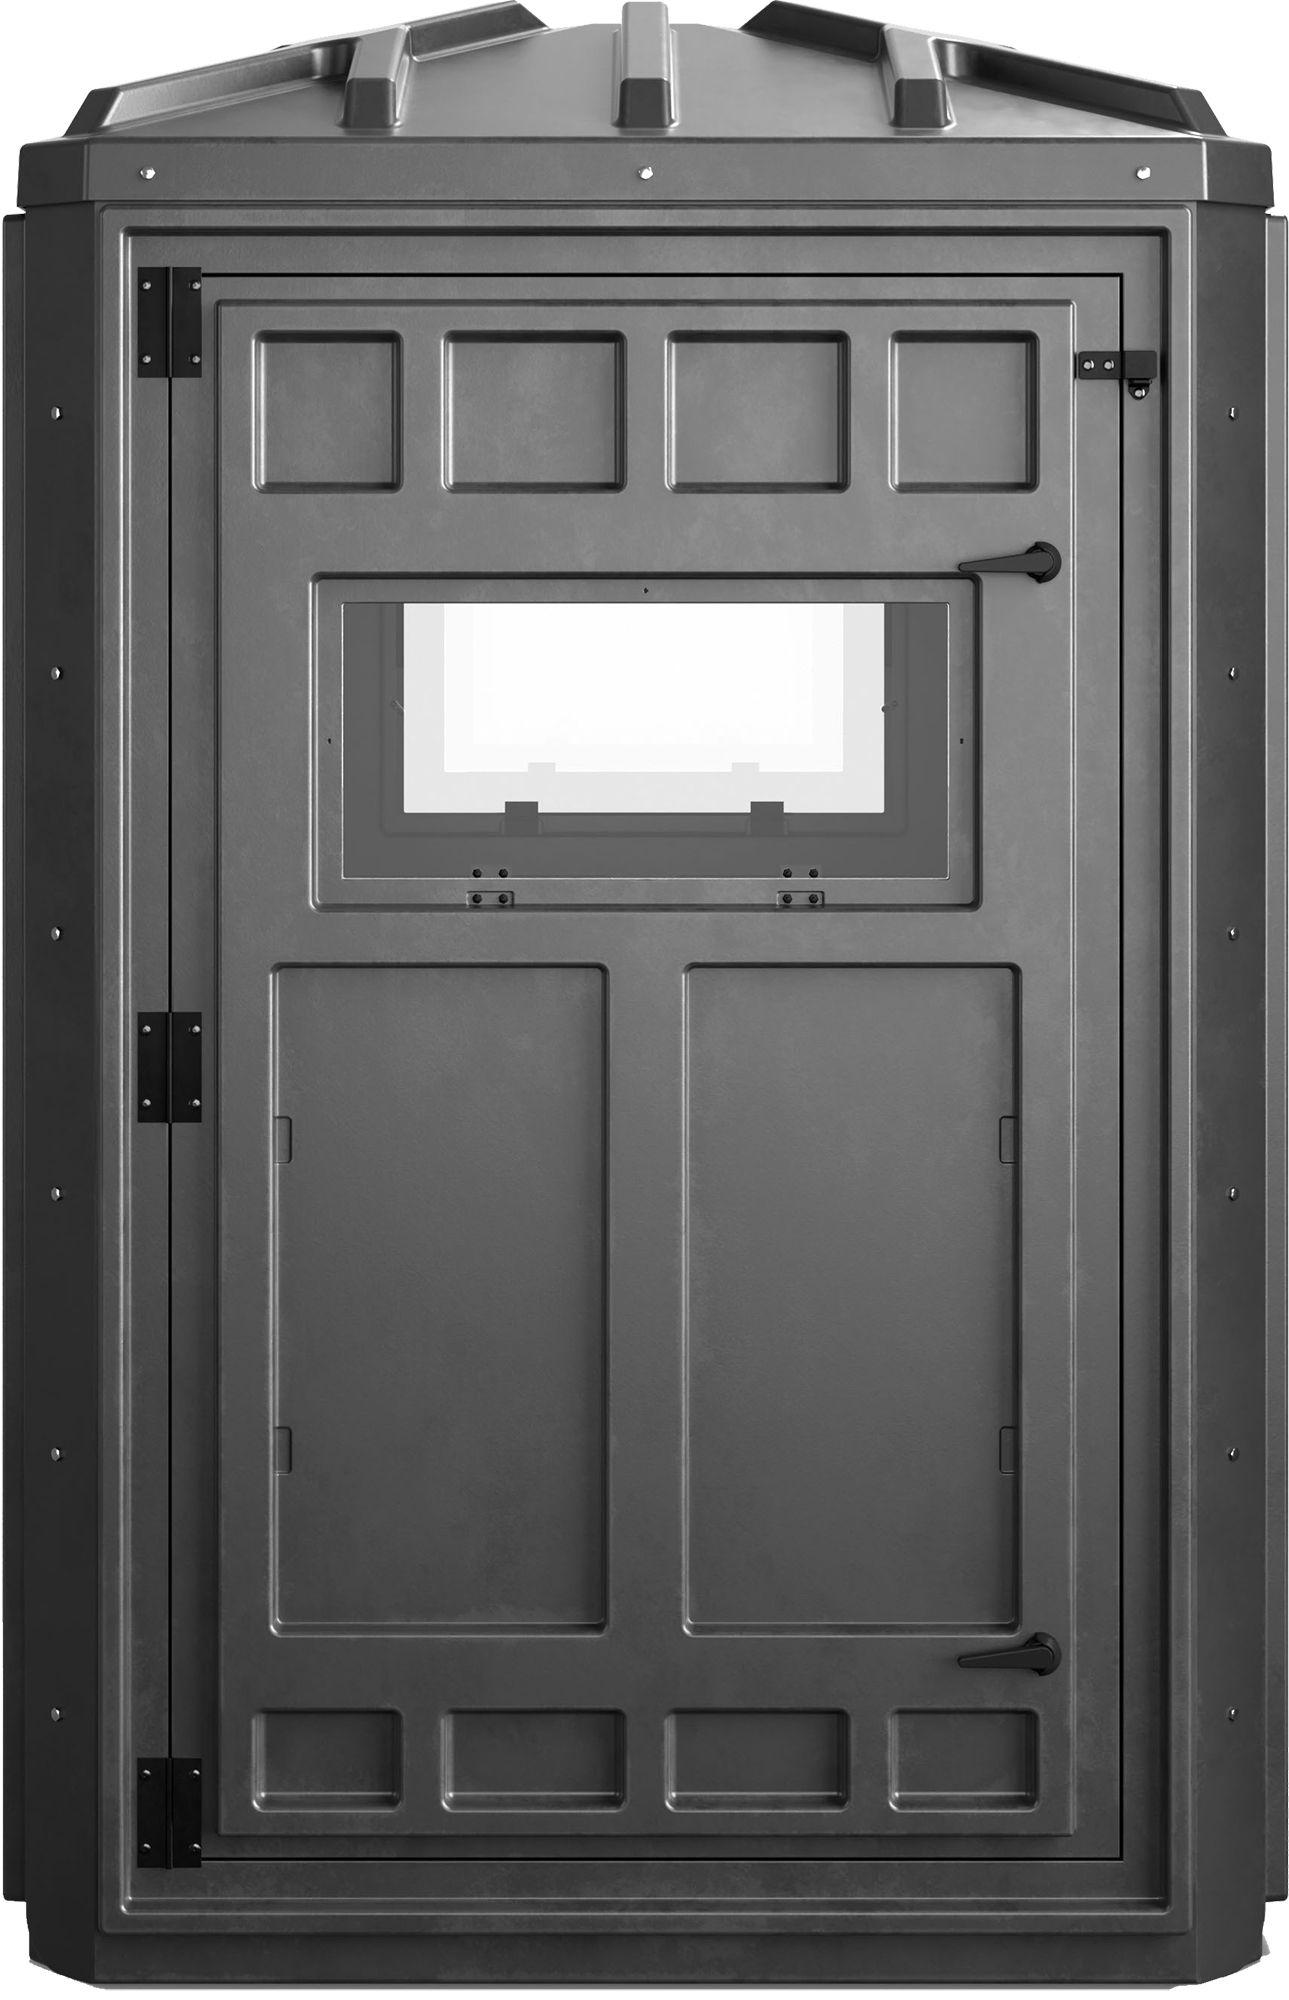 Booner Blinds 4 Panel Gunner Box Blind - Clear Windows thumbnail